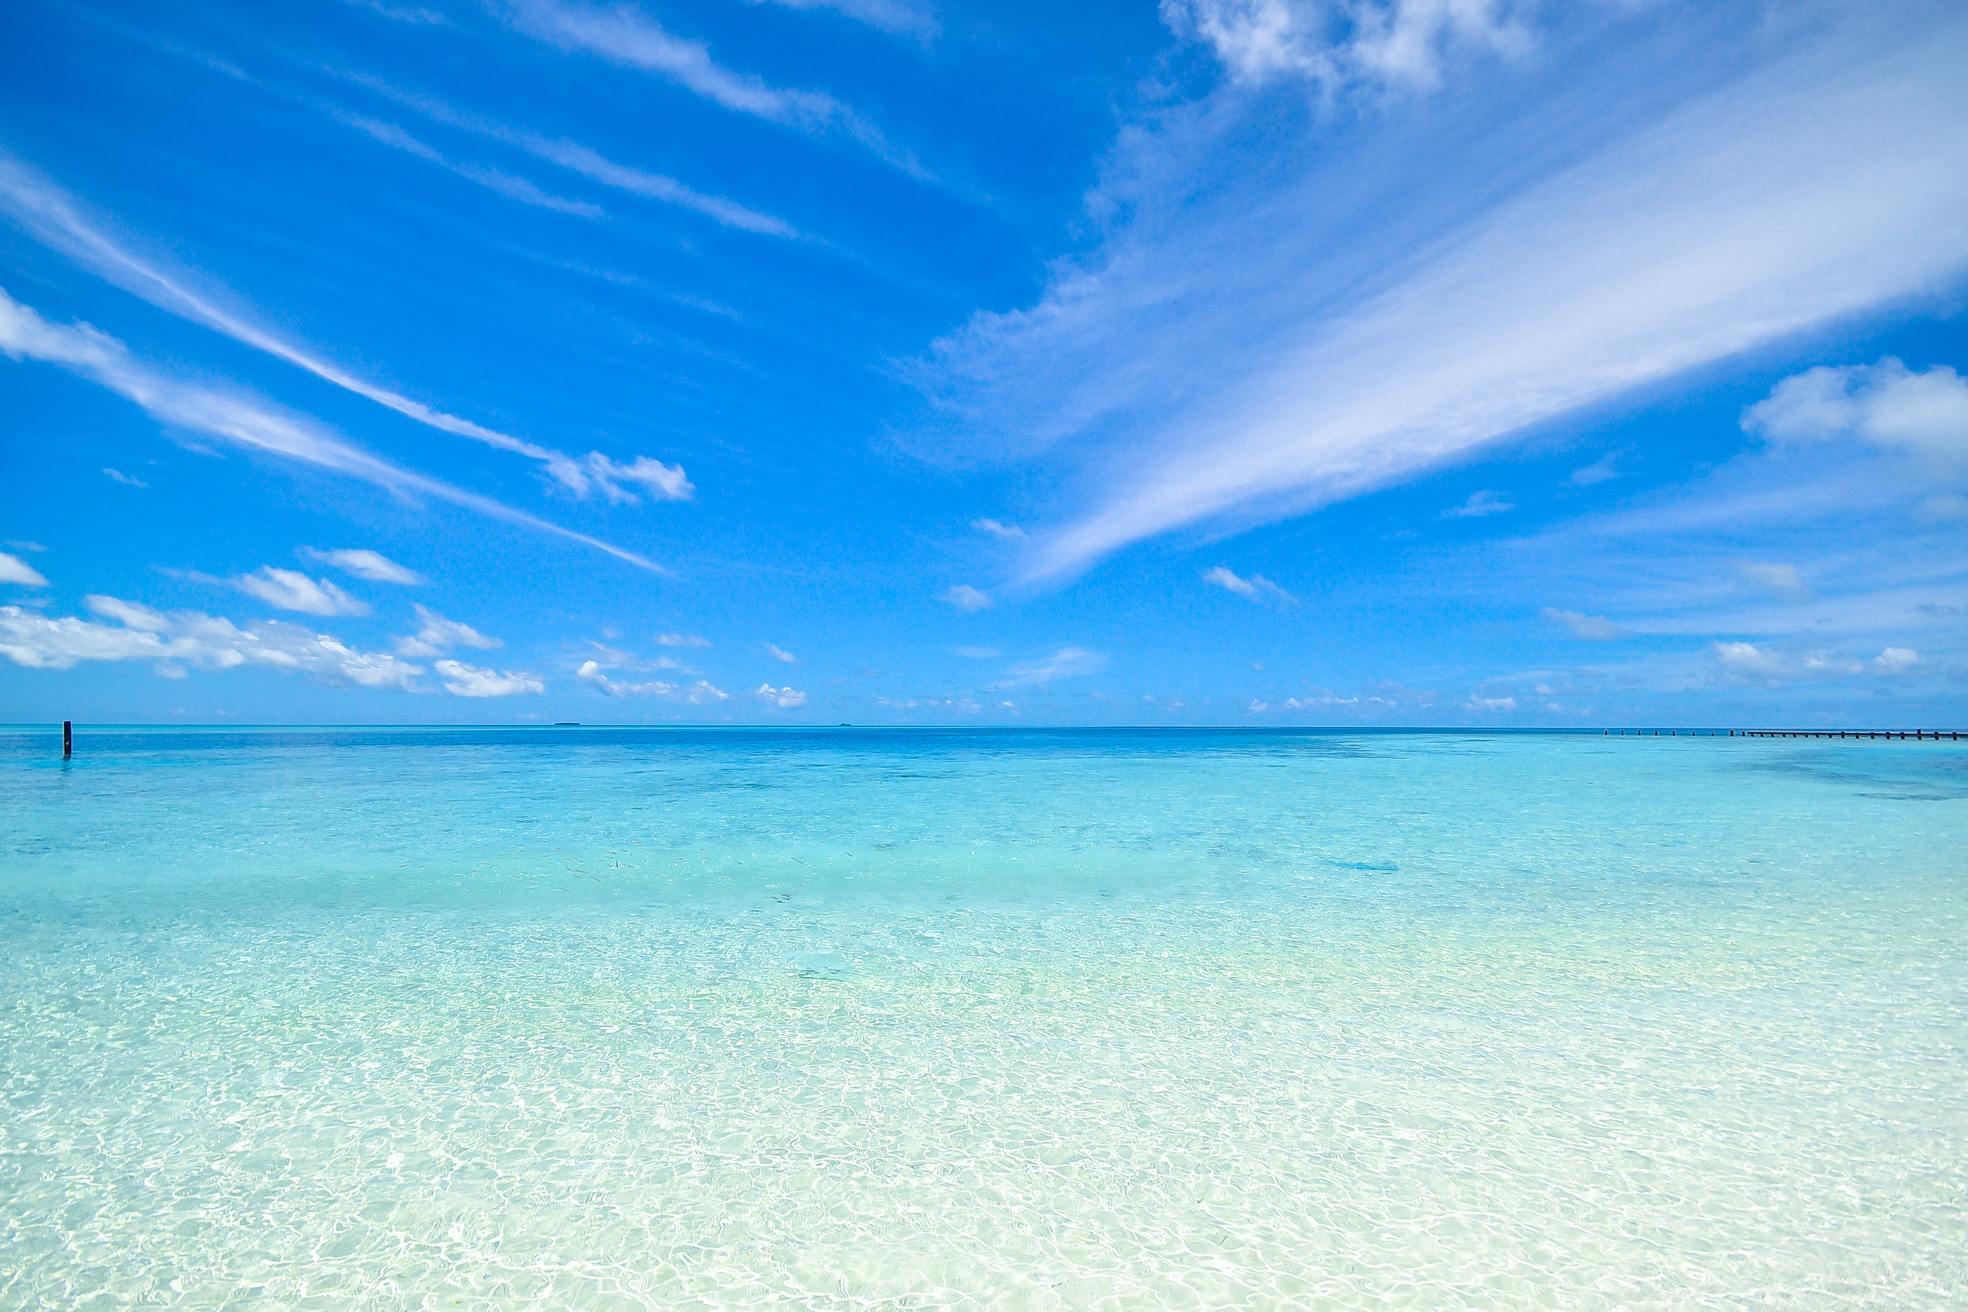 Ảnh bầu trời xanh và bờ biển